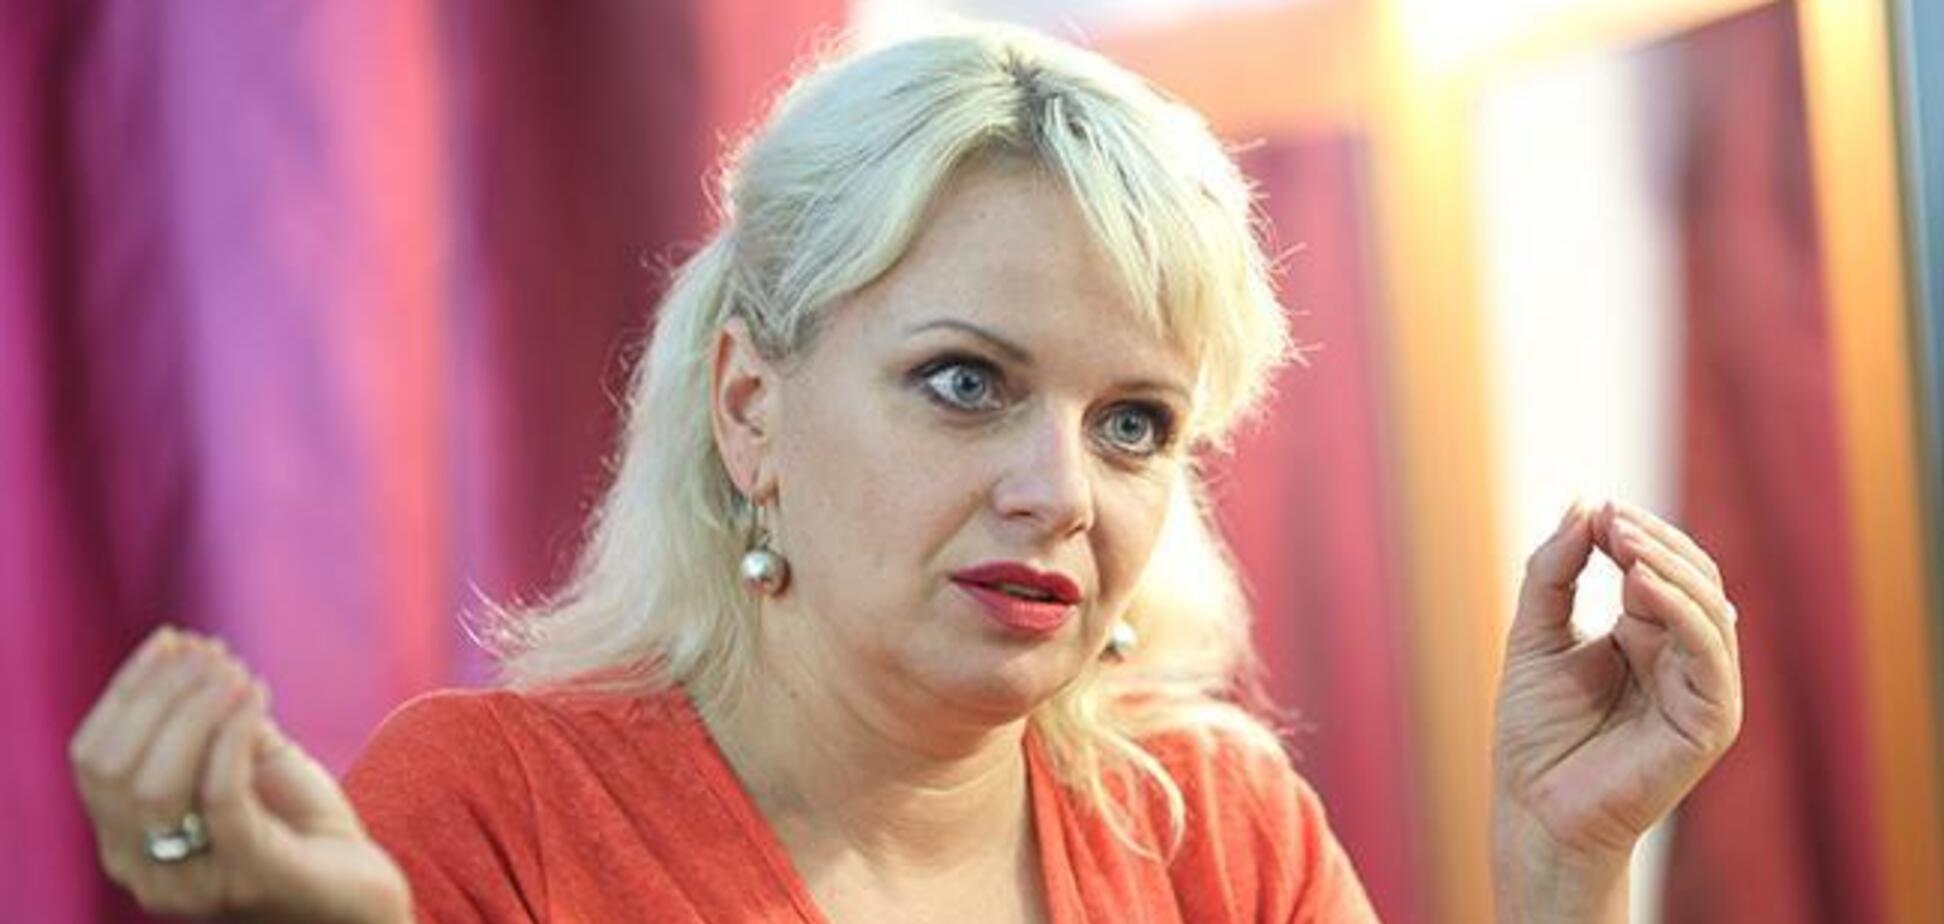 'Це просто базарняк': знаменита українська актриса розгромила 'слуг народу'